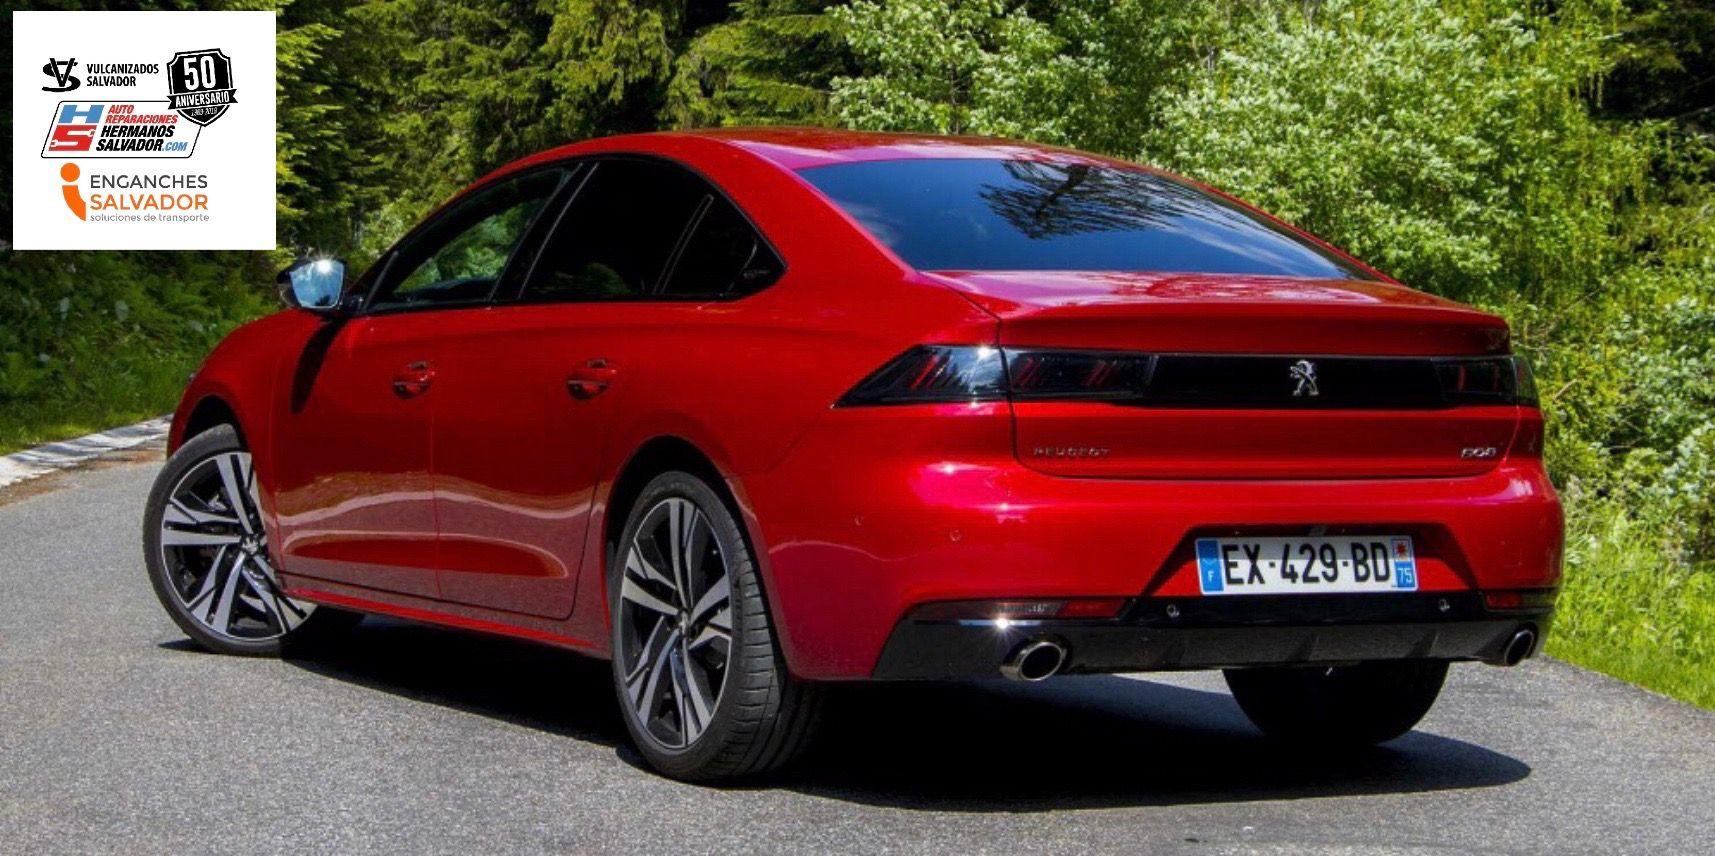 Nuevo enganche para Peugeot 508 5 puertas en Hermanos Salvador , tu enganche en Vizcaya